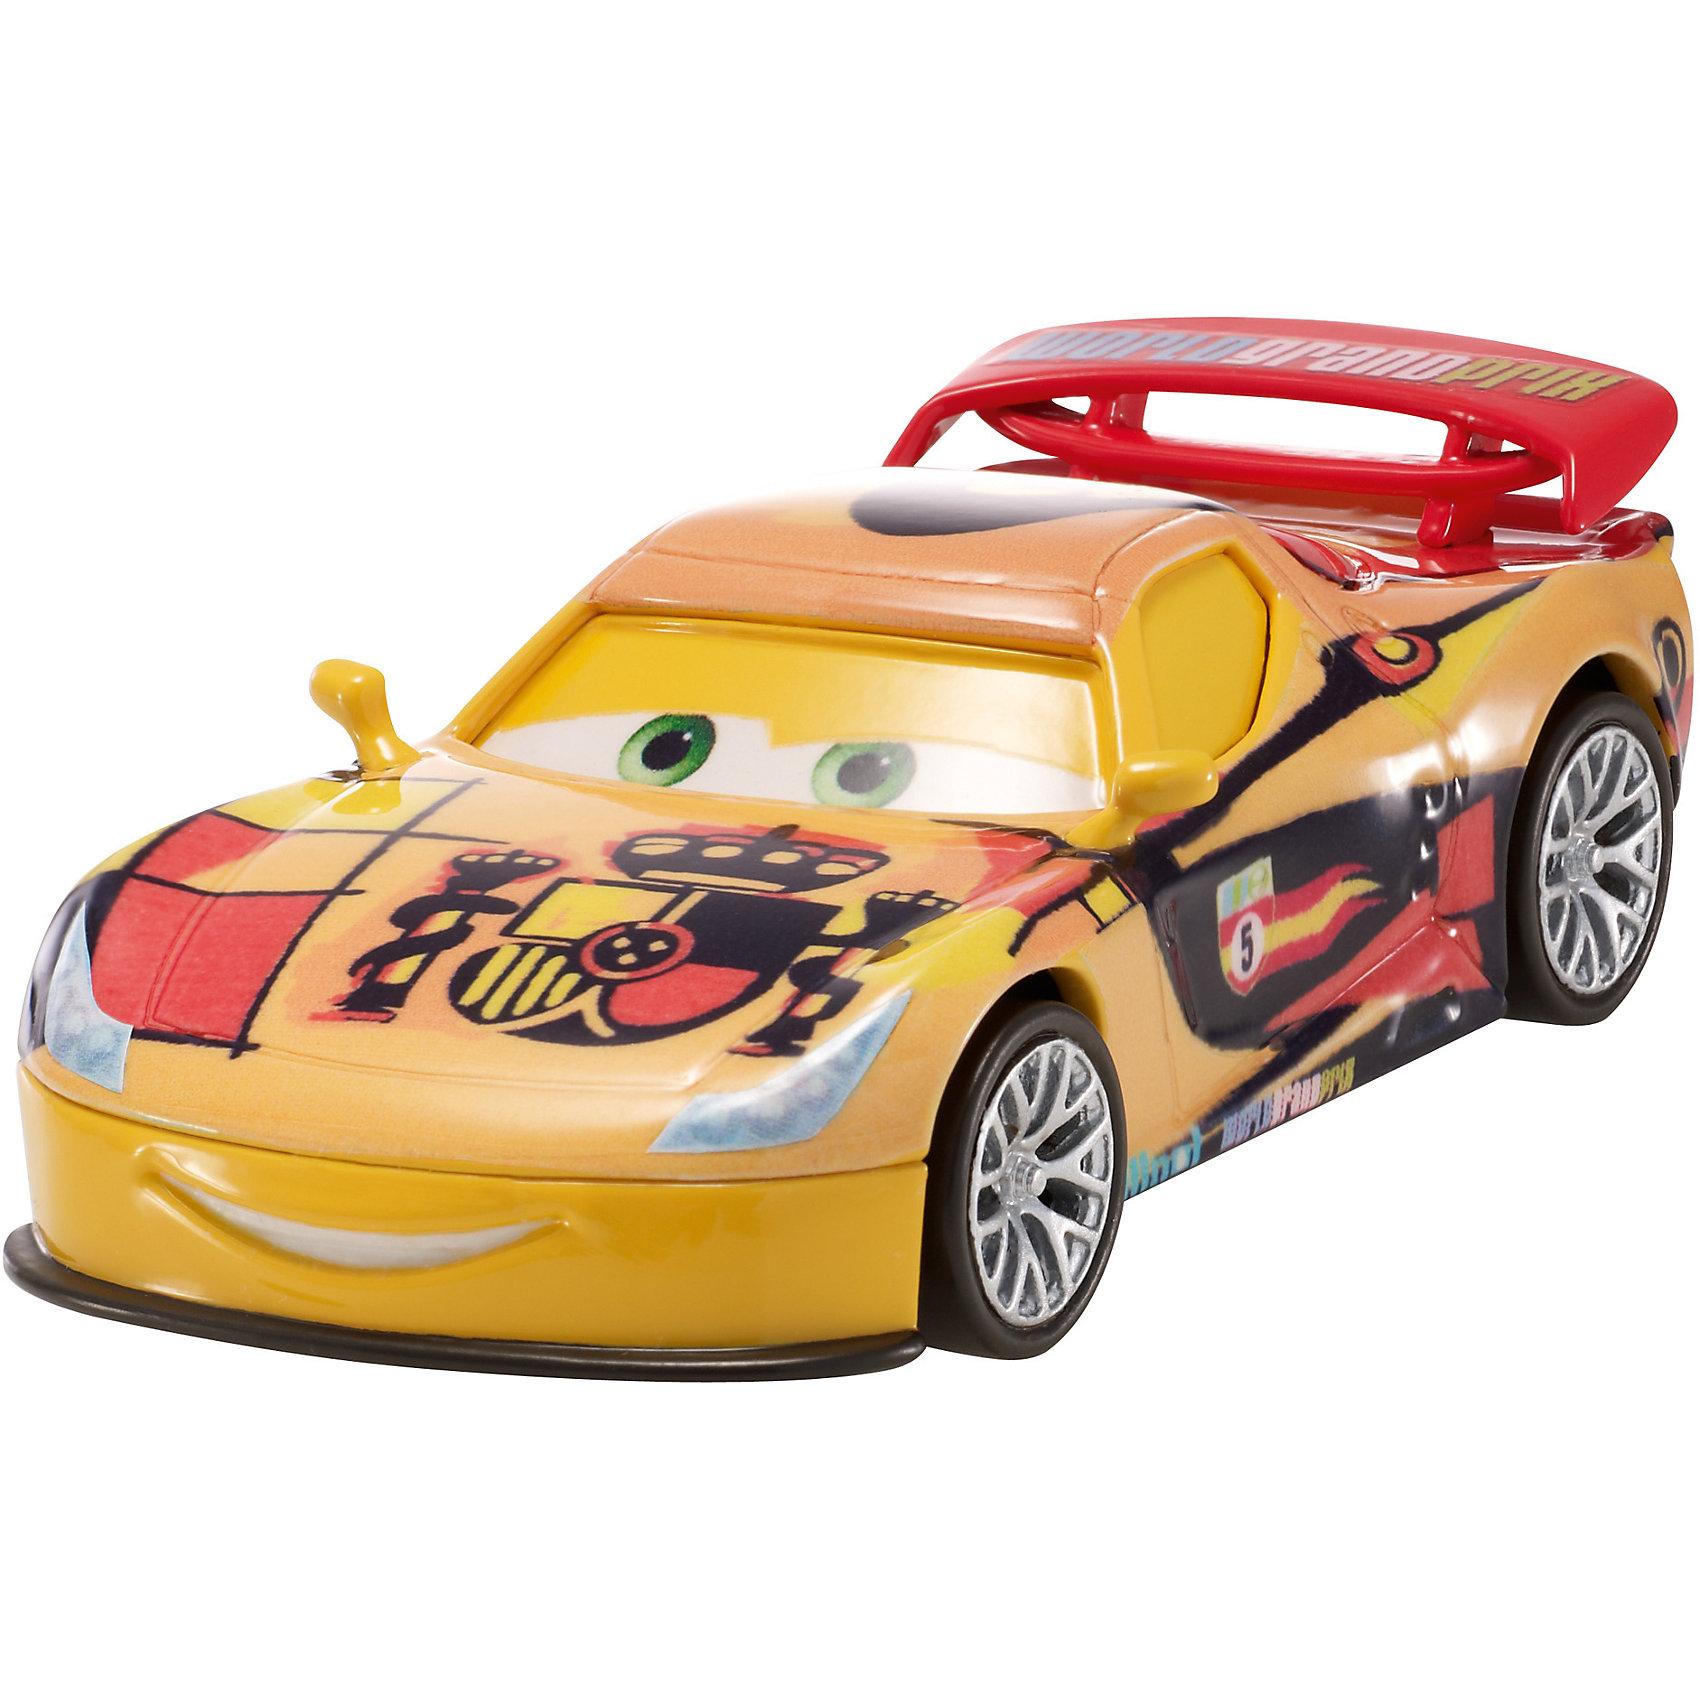 Литая машинка, Тачки-2Литая машинка Делюкс от компании «Mattel» выполнена в виде главного персонажа мультфильма «Тачки 2». Изготовленная из металла в масштабе 1:55 игрушка отличается высокой степенью детализации и качеством исполнения. Завладев несколькими моделями, малыш сможет окунуться в любимый мультипликационный мир, устроить красочные показательные выступления среди машинок-киногероев.<br><br>Дополнительная информация:<br><br>- Материал: металл<br>- В упаковке: 1 шт.<br>- Размер машинки: 8 см.<br><br>Литую машинку, Тачки-2 можно купить в нашем магазине.<br><br>Ширина мм: 135<br>Глубина мм: 45<br>Высота мм: 160<br>Вес г: 80<br>Возраст от месяцев: 36<br>Возраст до месяцев: 72<br>Пол: Мужской<br>Возраст: Детский<br>SKU: 5015759